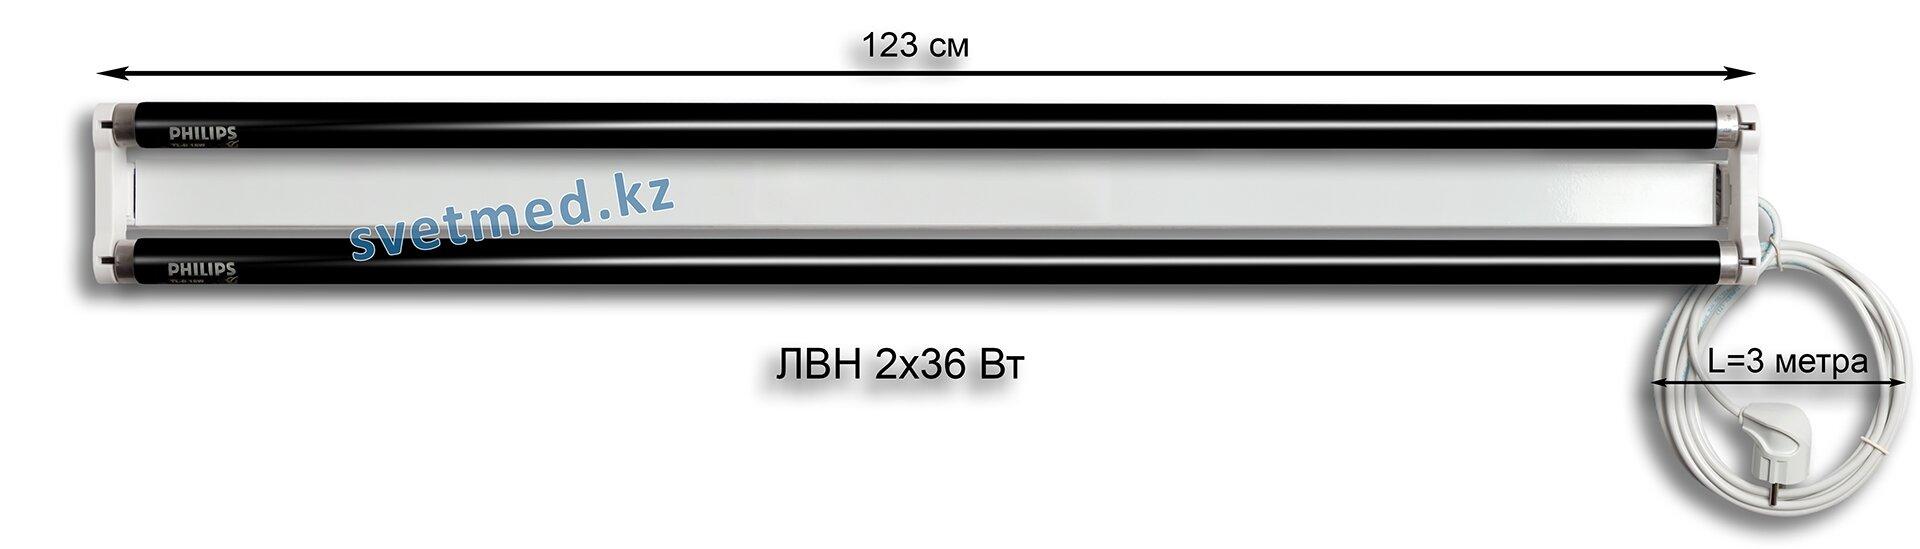 pic_4d838cdb286f7b70a5a59648f671d4f4_1920x9000_1.jpg